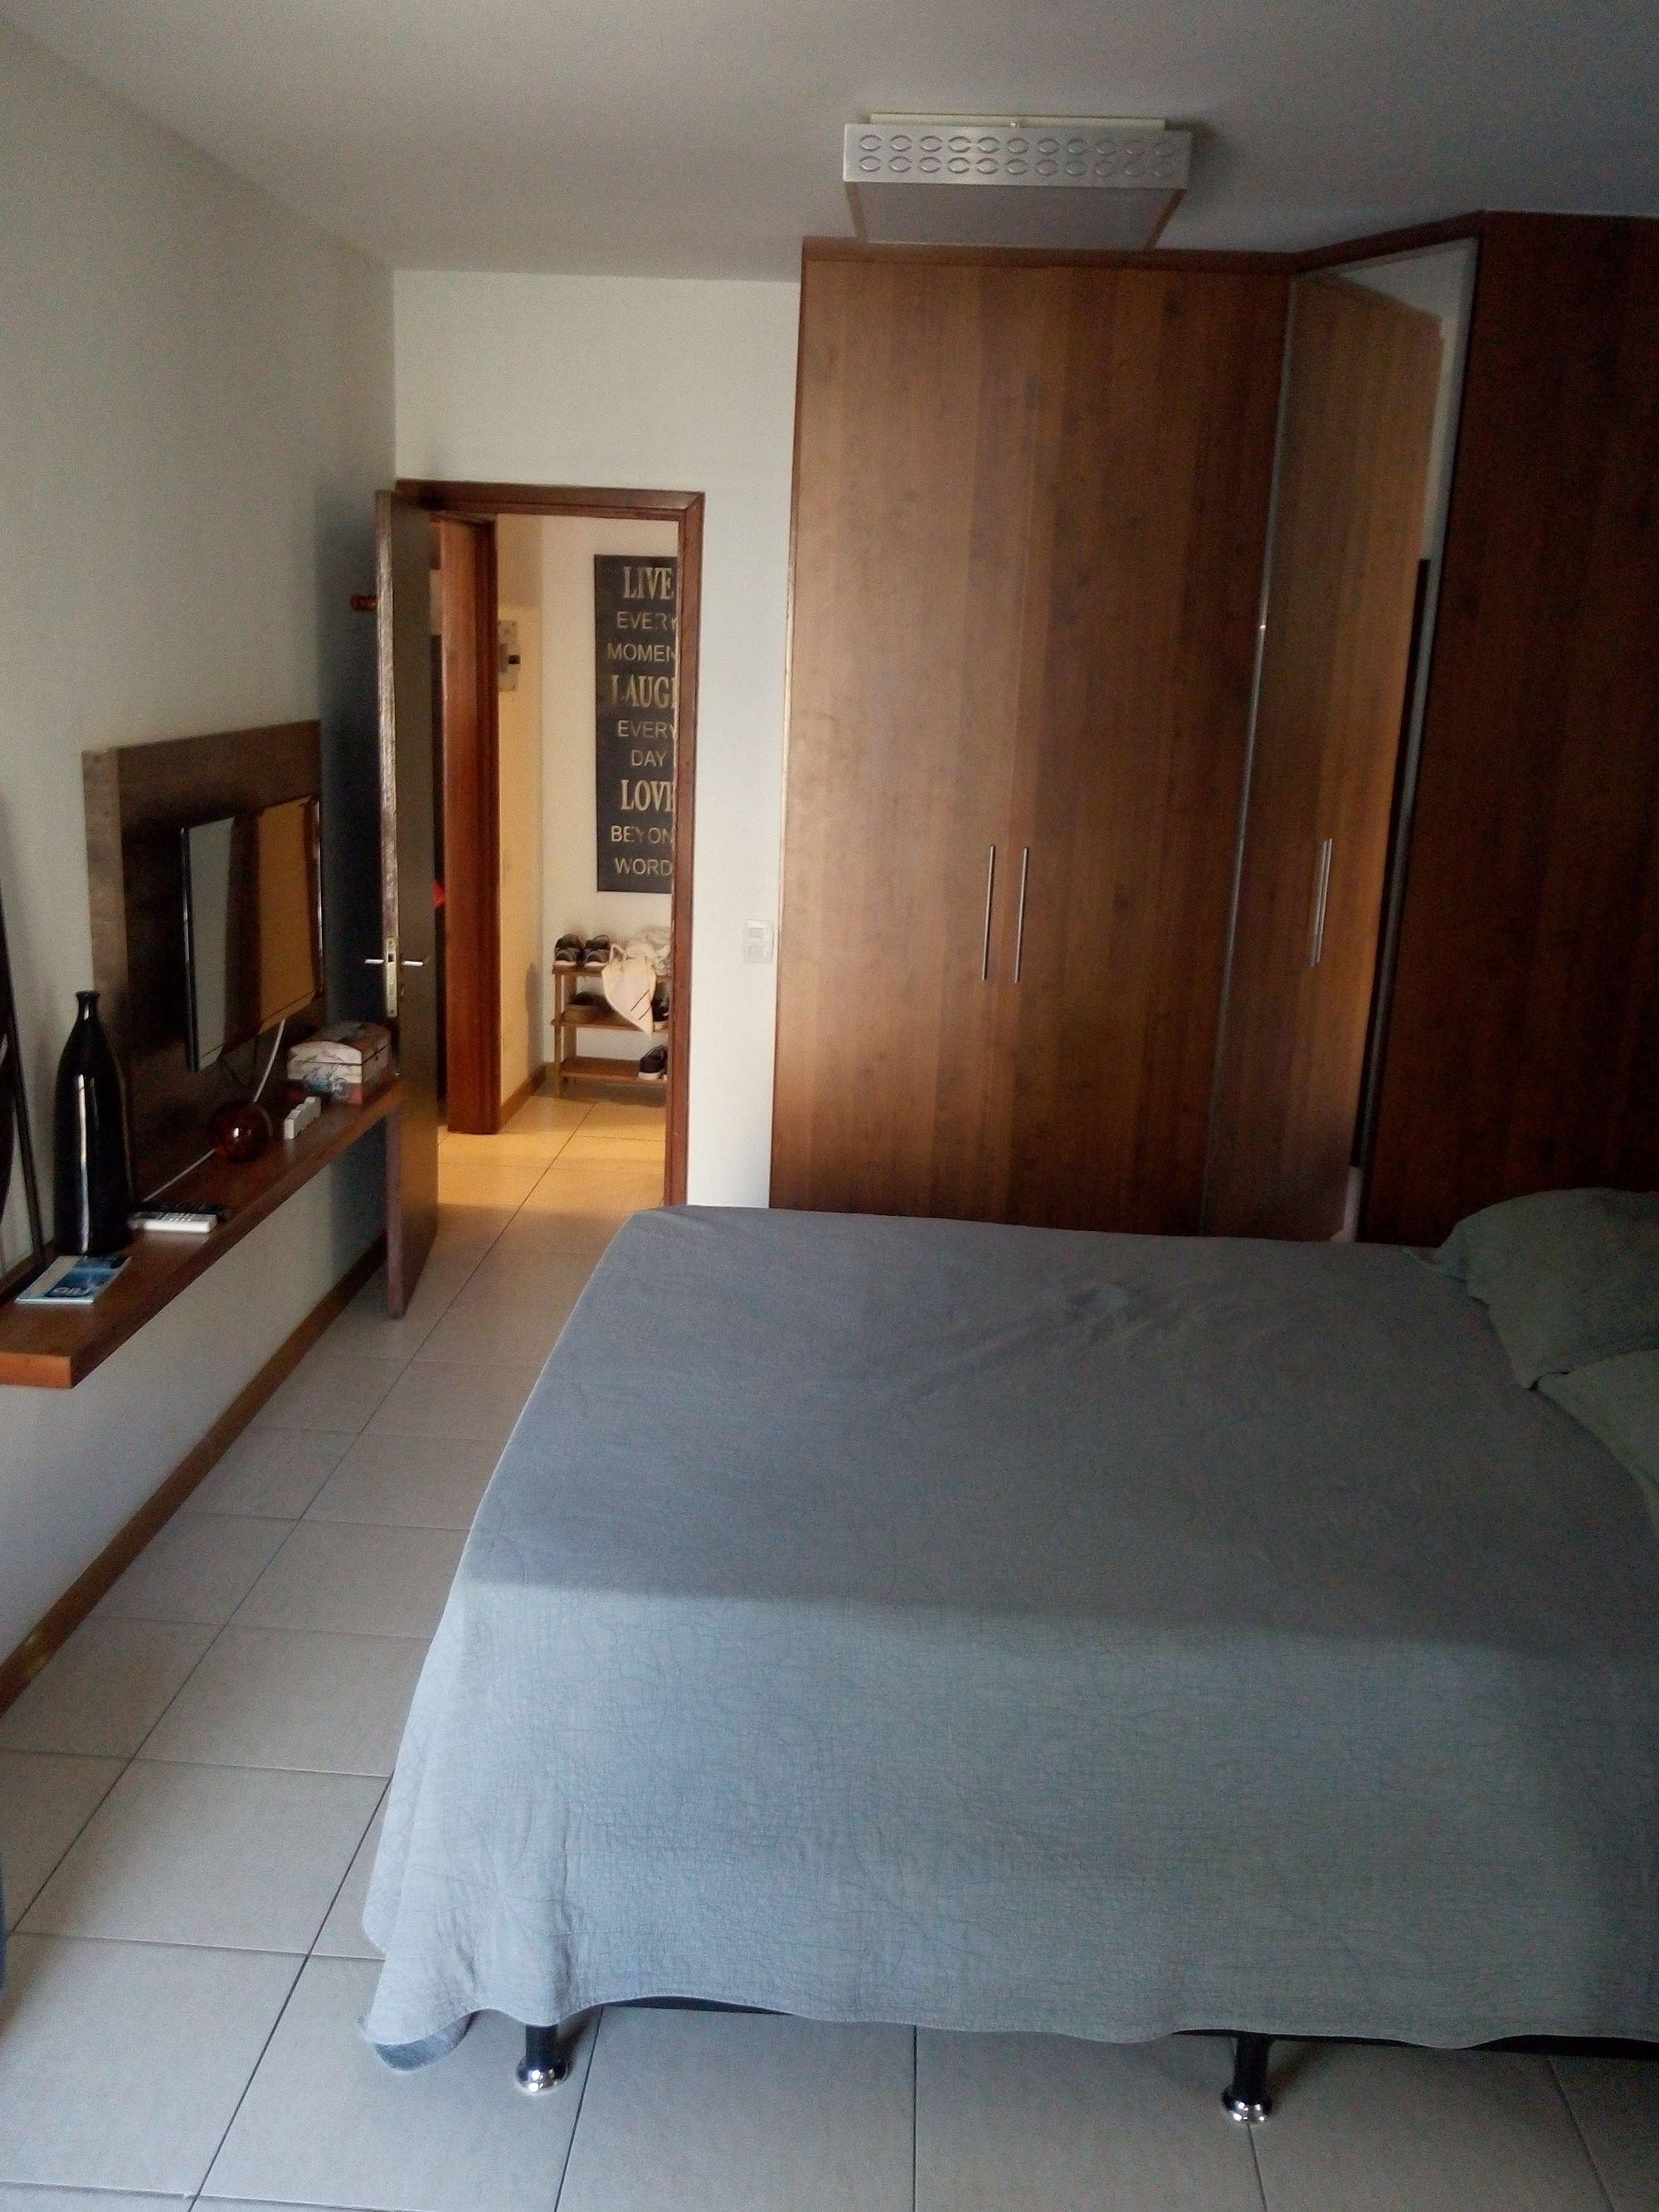 Foto de Quarto com cama, televisão, garrafa